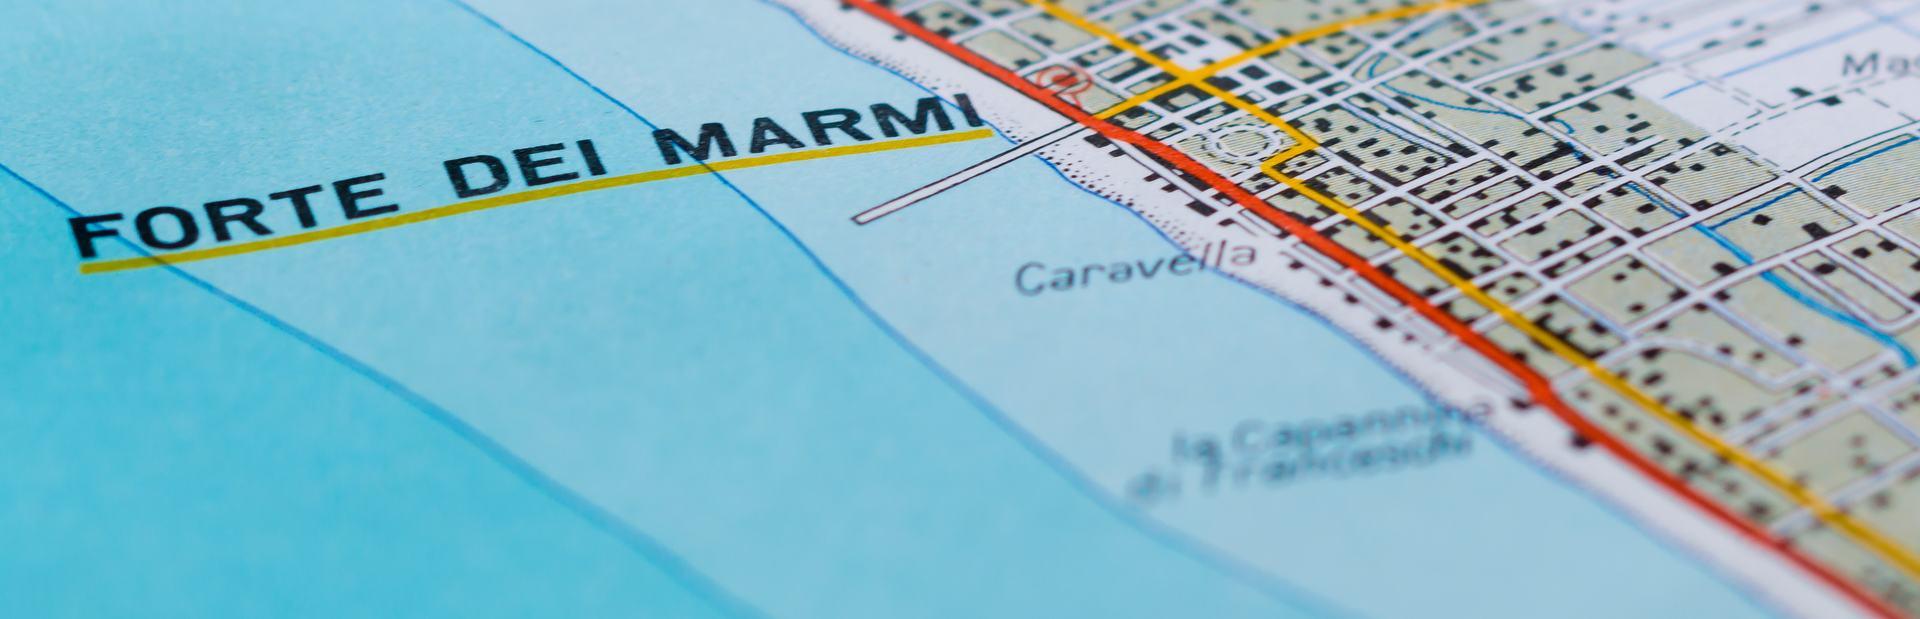 Forte dei Marmi interactive map